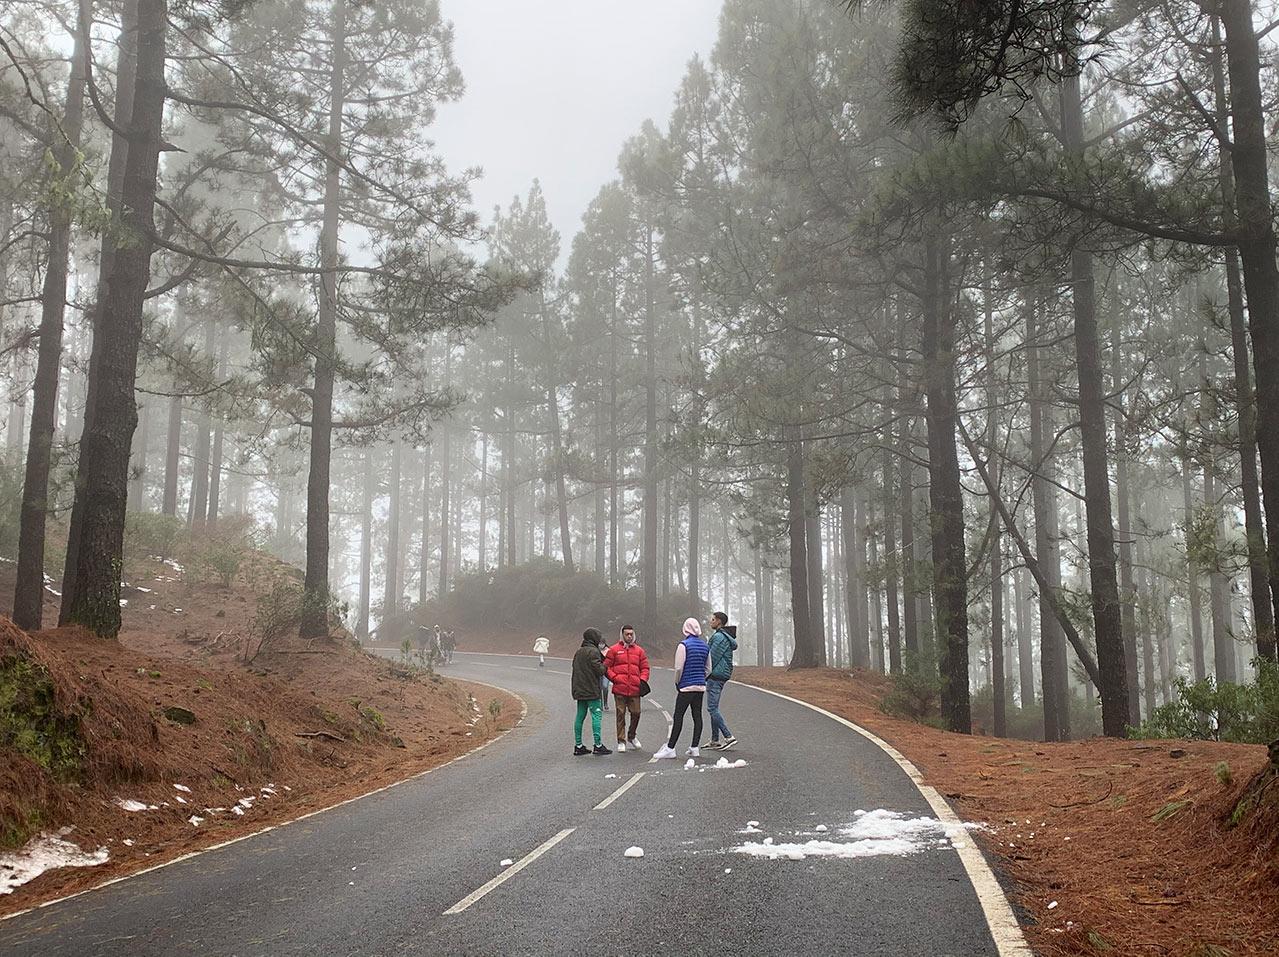 4 junge Männer stehen mitten auf einer Autostrasse in einem Kiefernwald. Es liegt Schneebrocken auf der Strasse